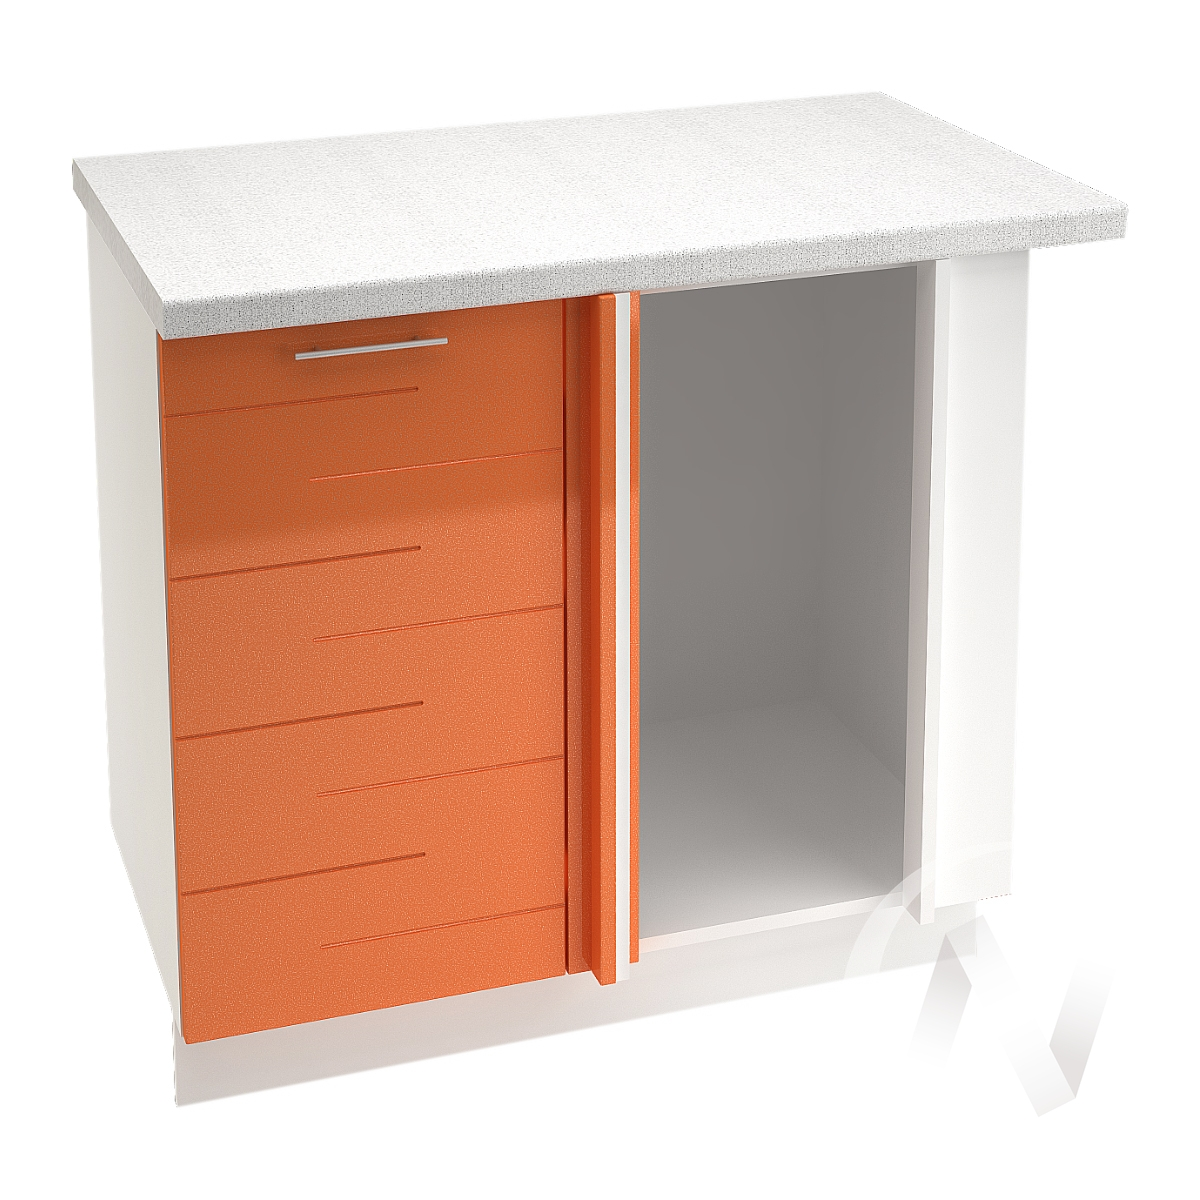 """Кухня """"Техно"""": Шкаф нижний угловой 990М, ШНУ 990М (корпус белый)"""